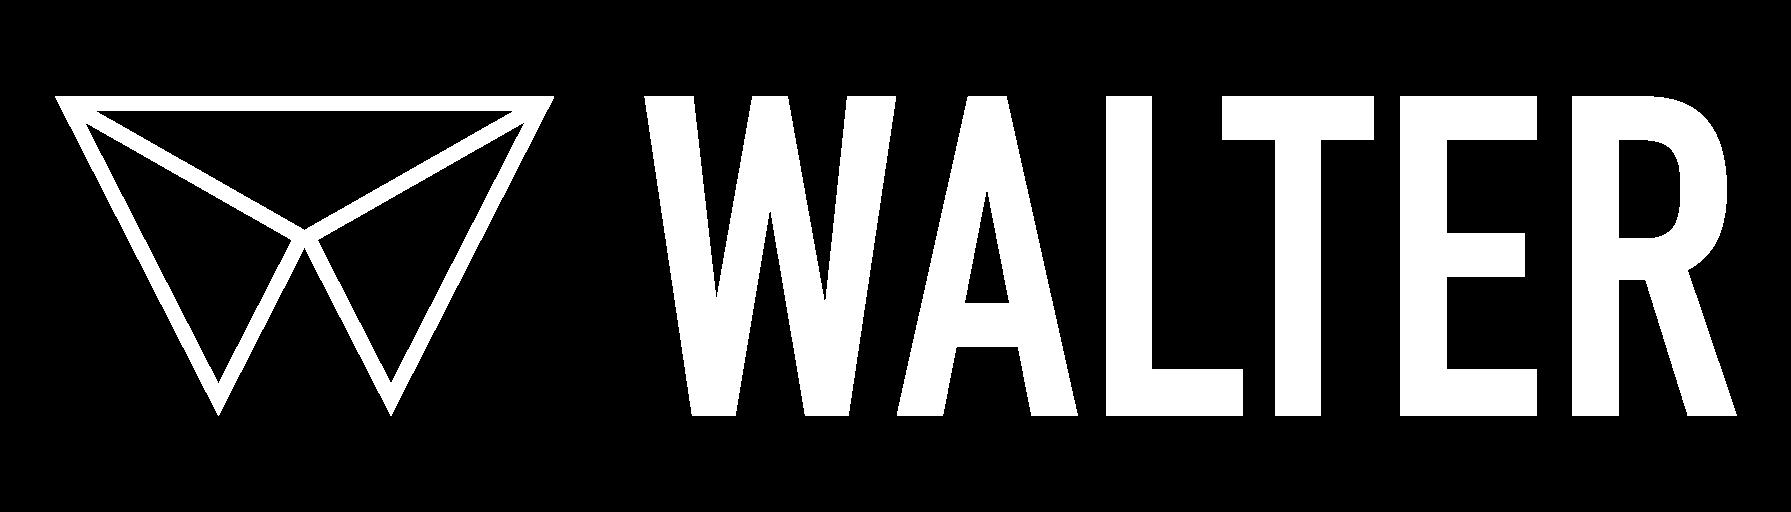 Walter Wallet